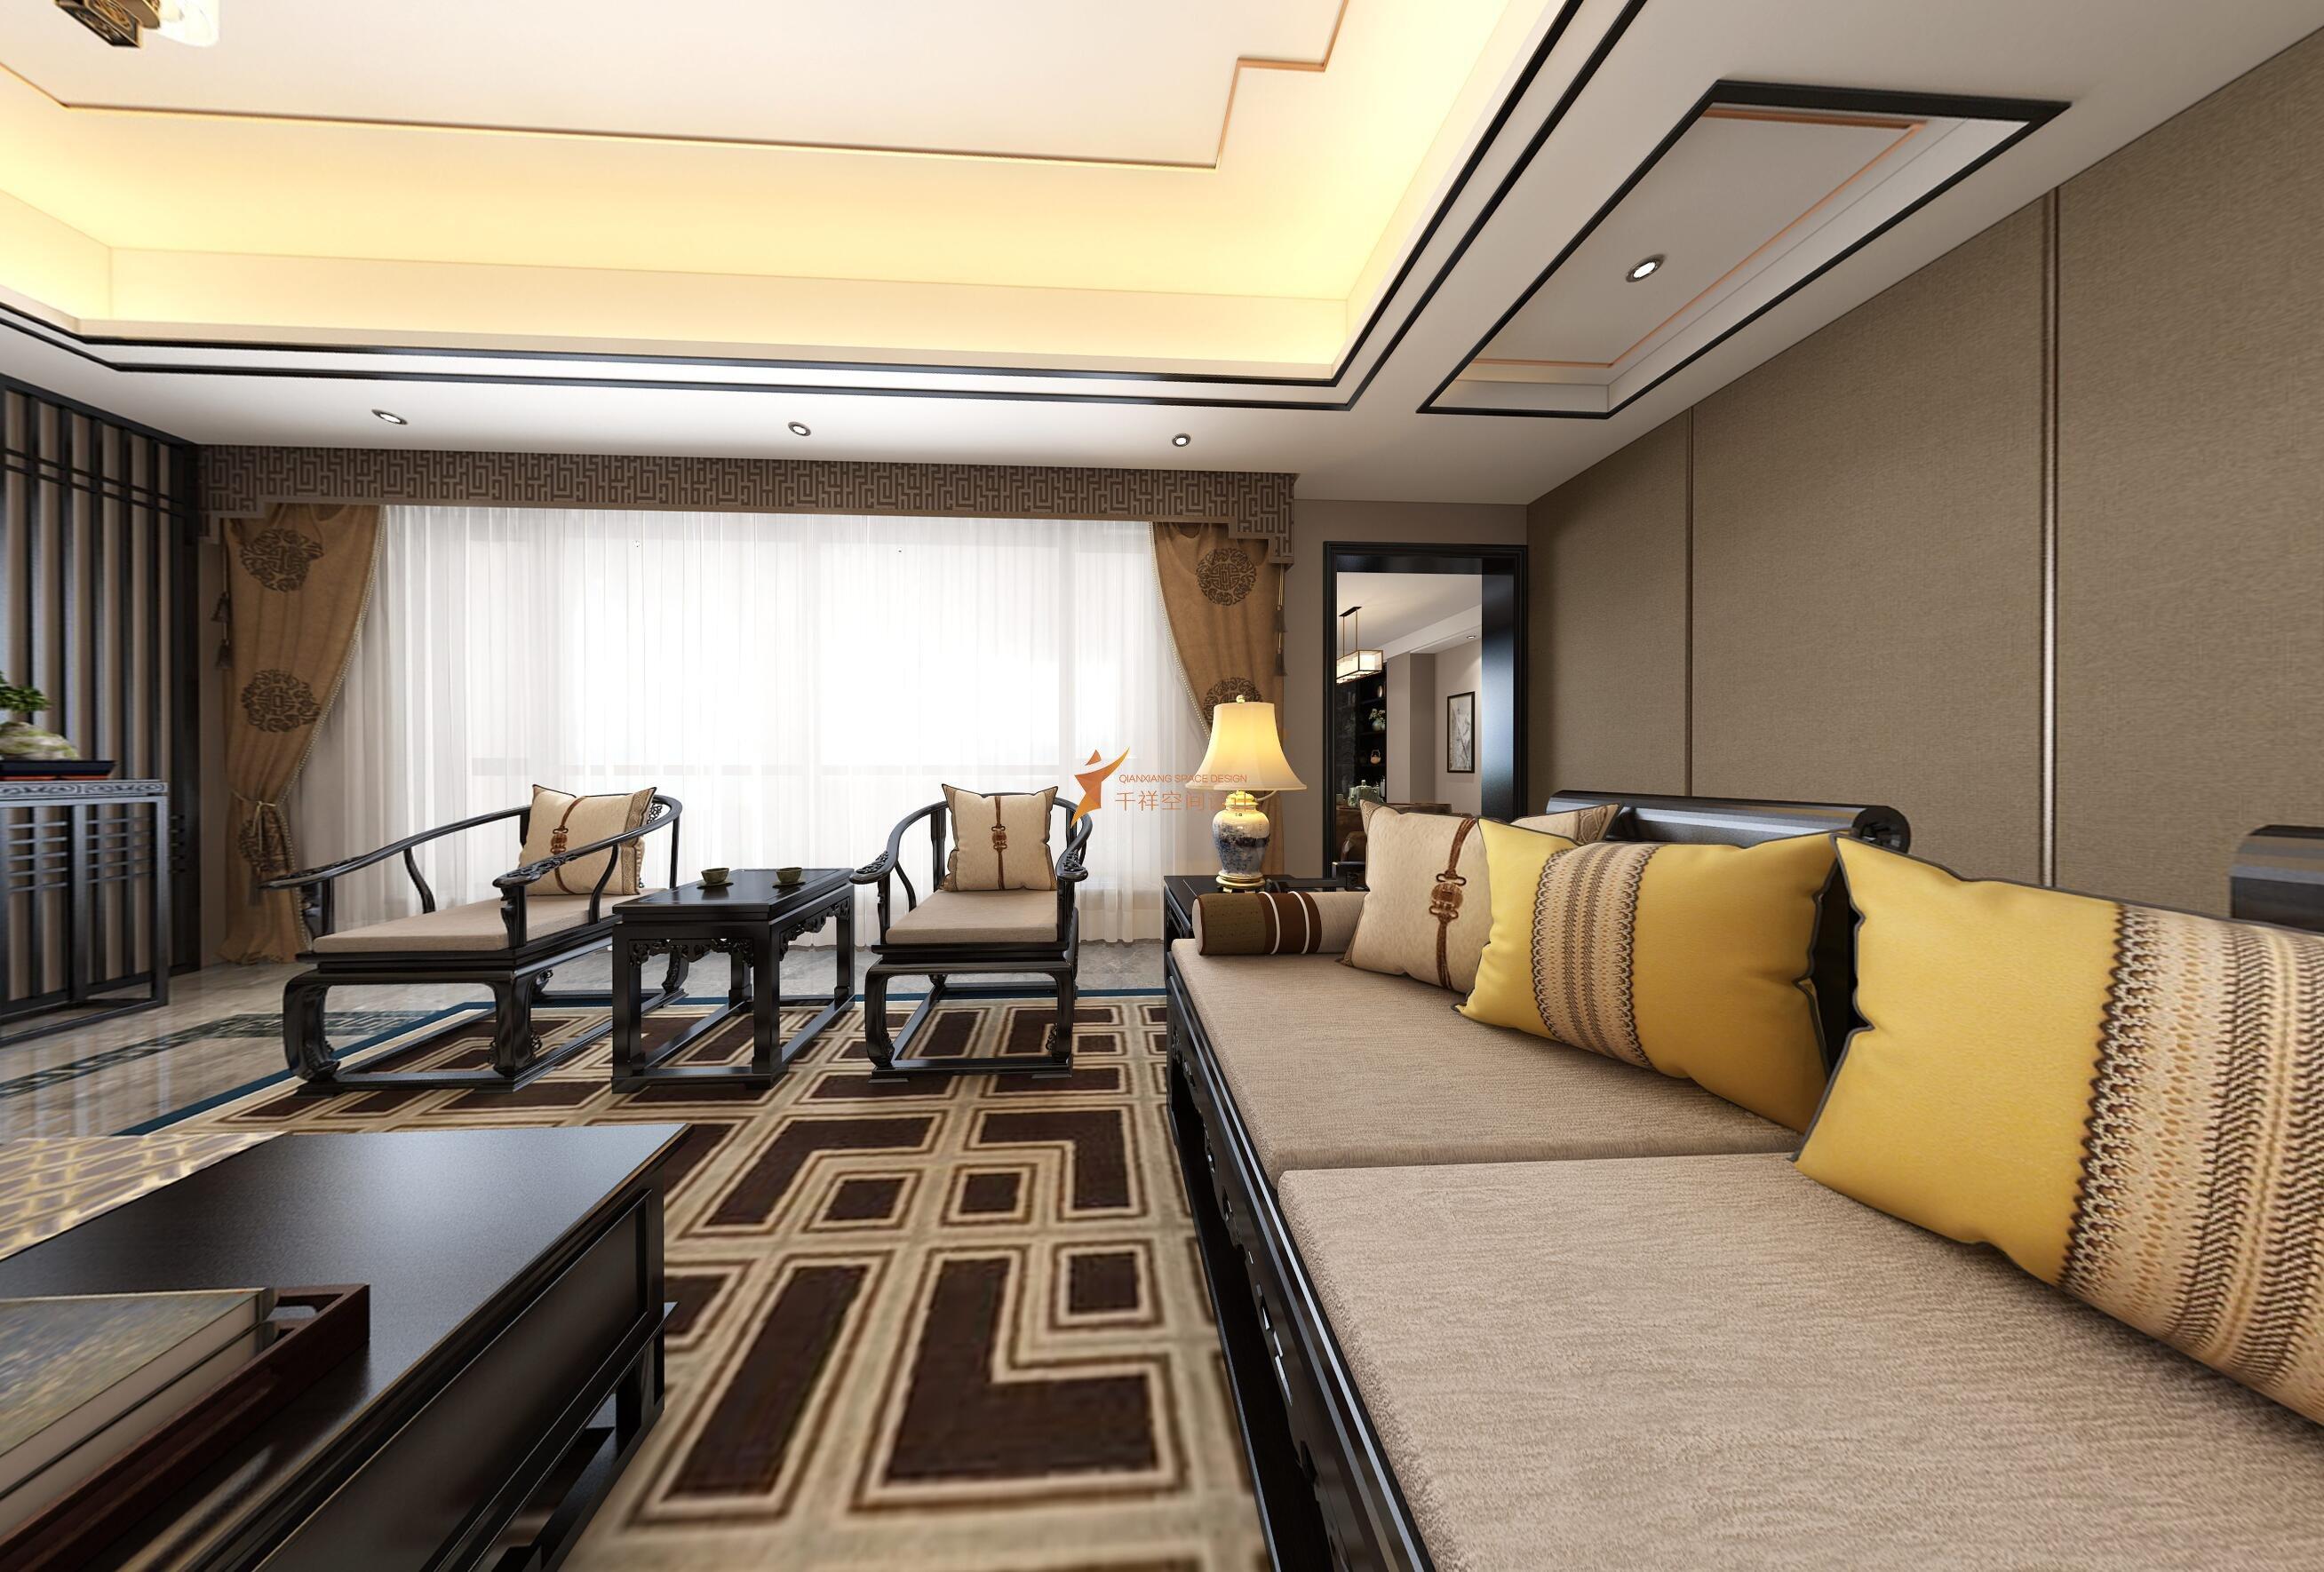 宝山区罗店镇美安路新中式风格别墅设计-宝山区新中式别墅设计-客厅设计效果图